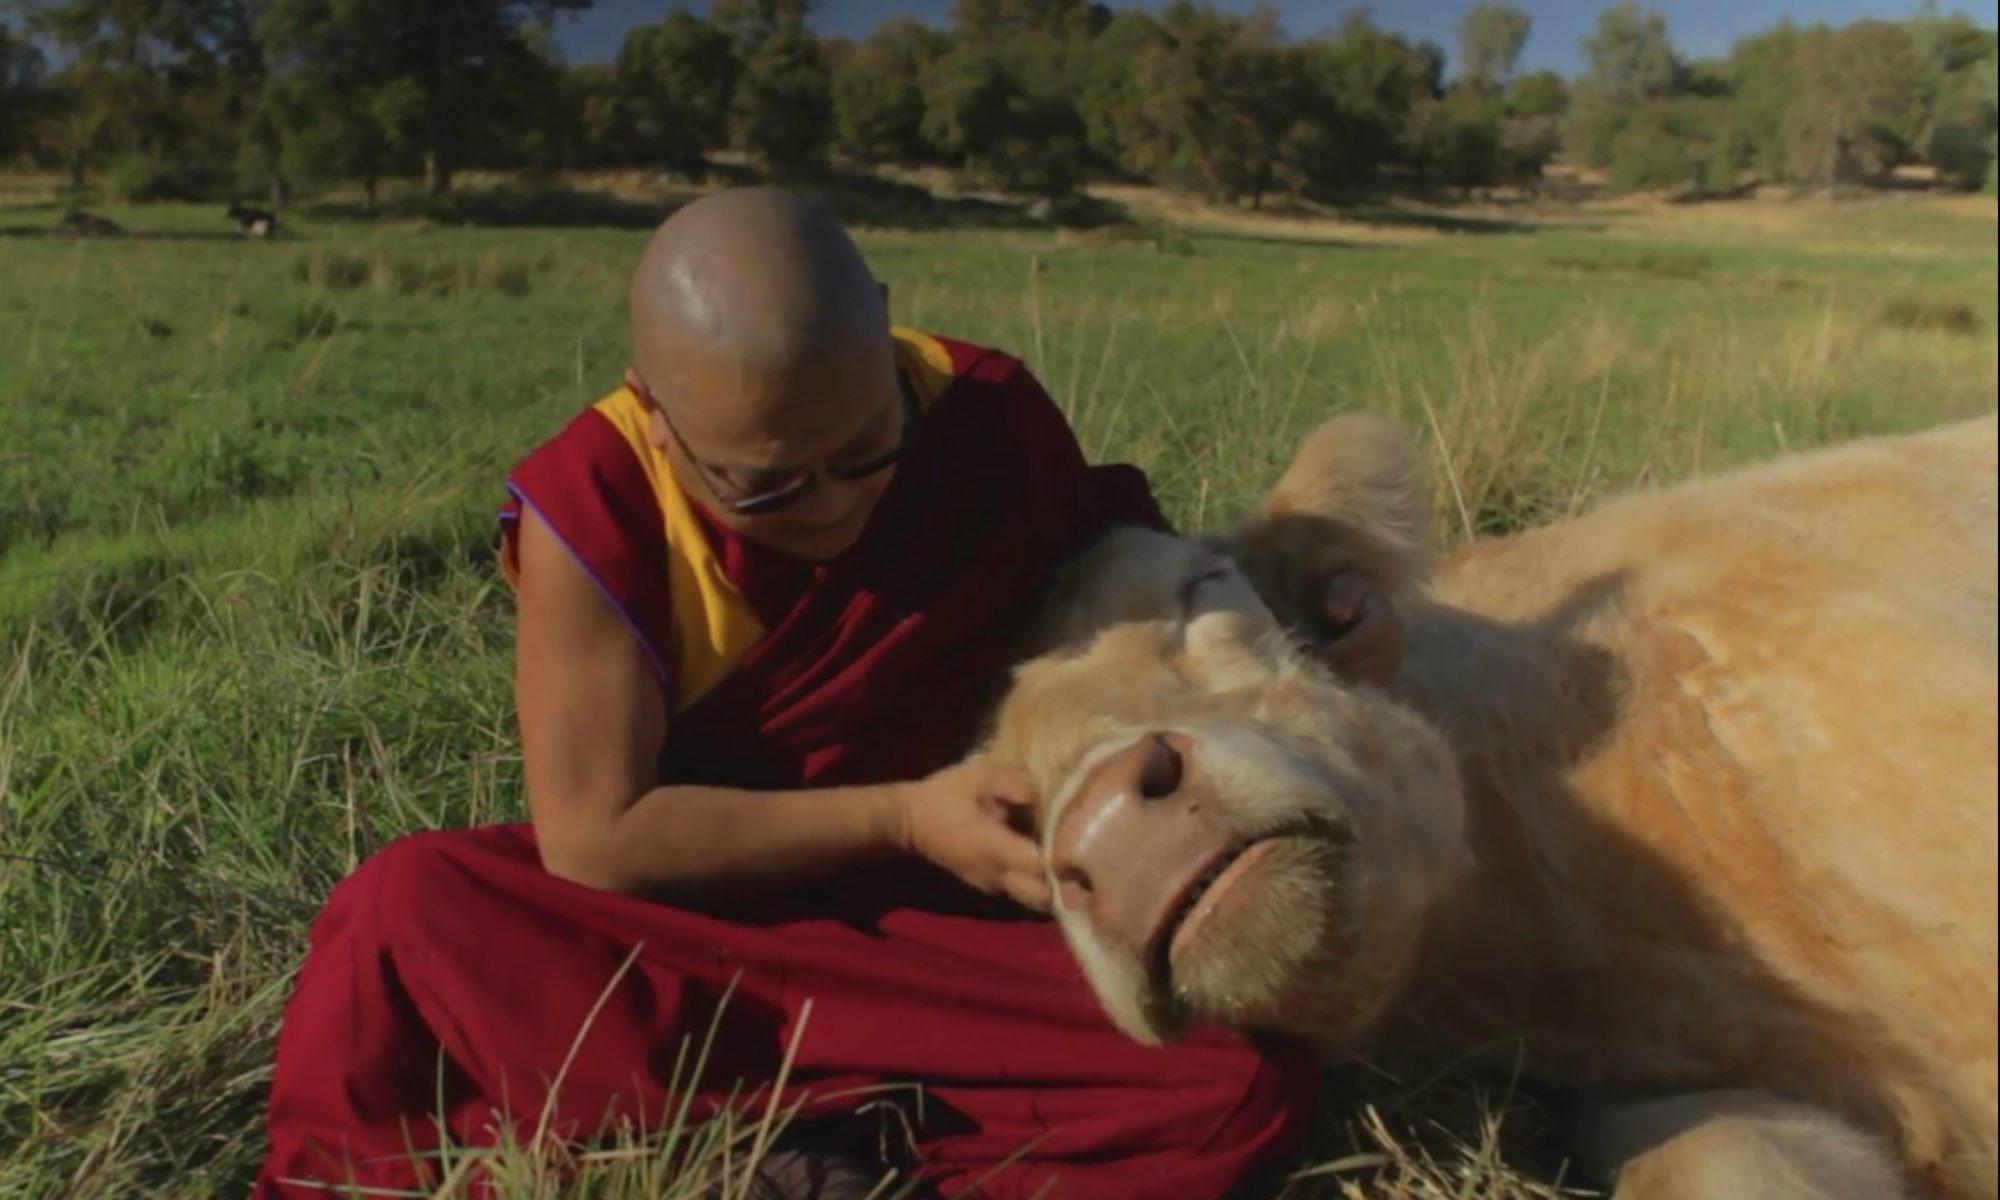 Geshe Phelgye Tibetan Buddhist monk with cow